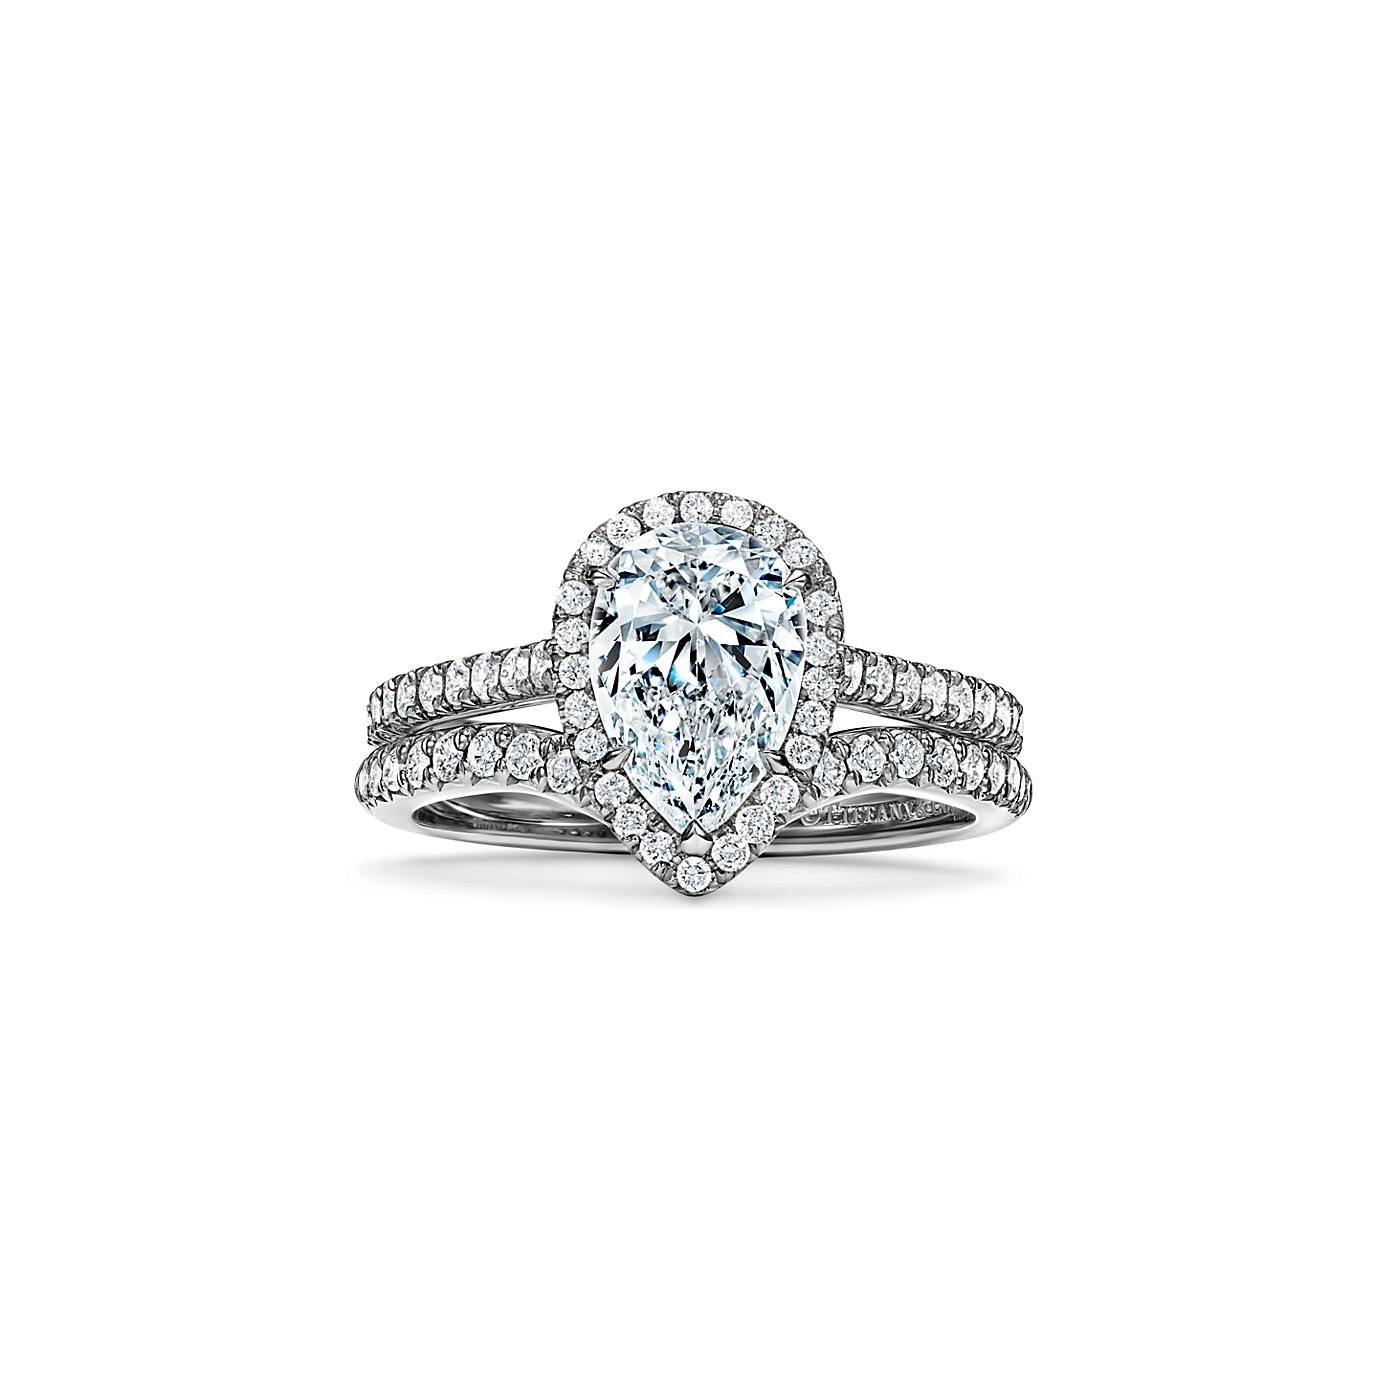 ティファニー ソレスト ペアシェイプ ダイヤモンド エンゲージメント リング(4)―Tiffany & Co.(ティファニー)